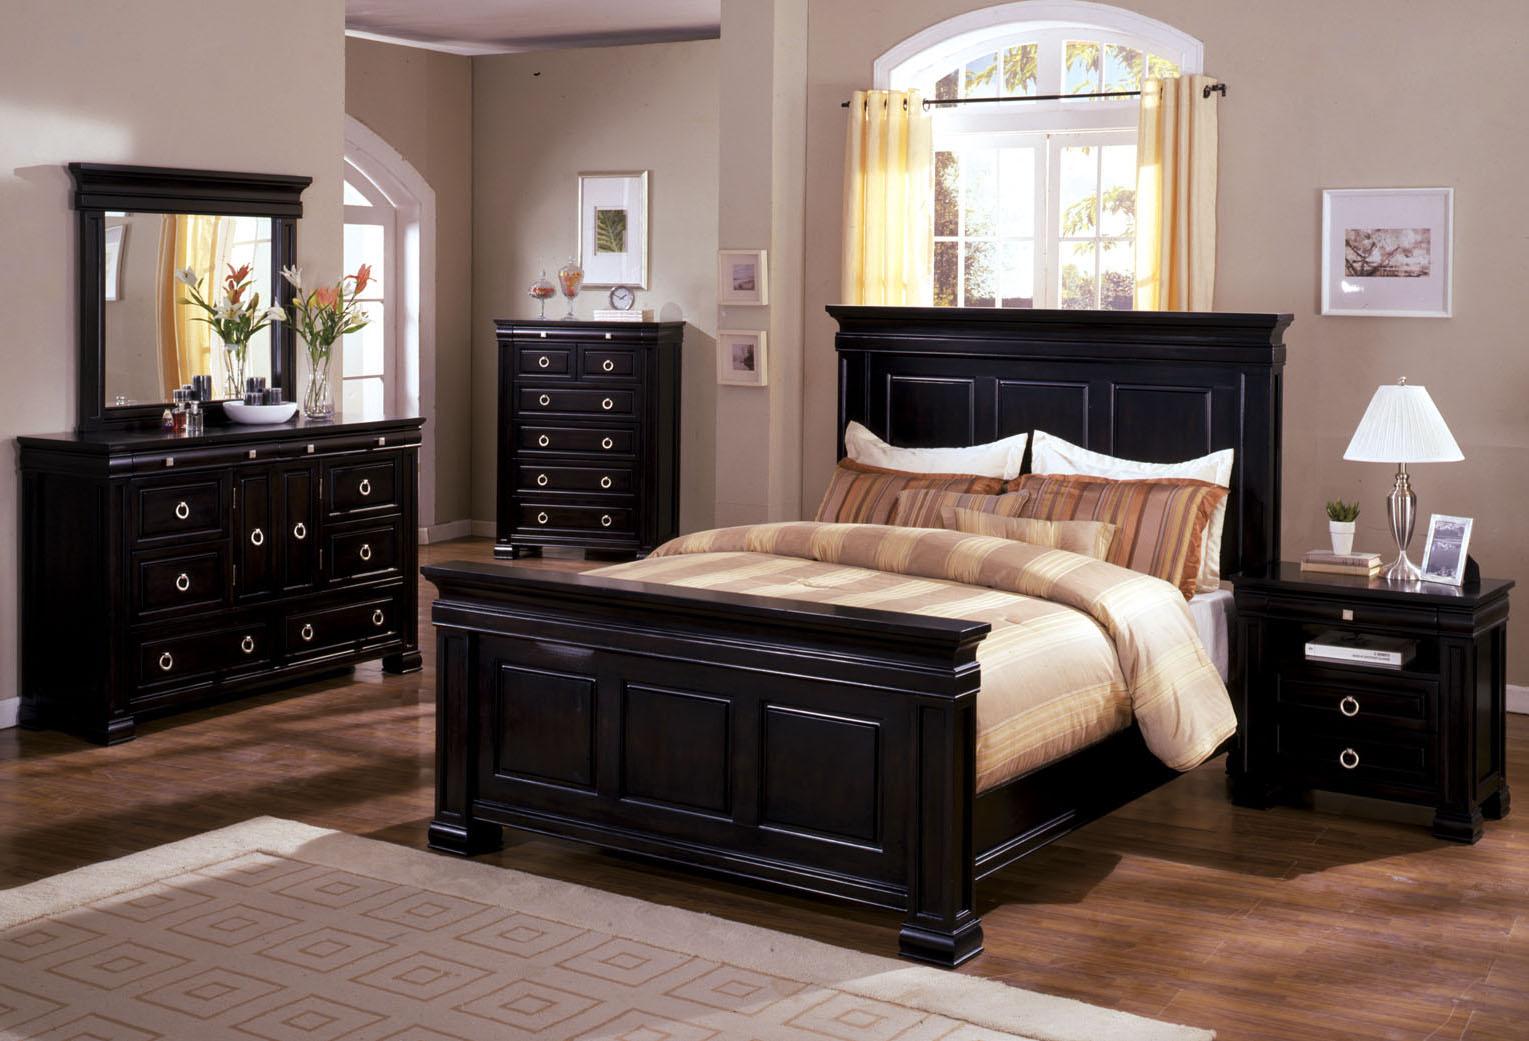 bedroom furniture sets black photo - 10